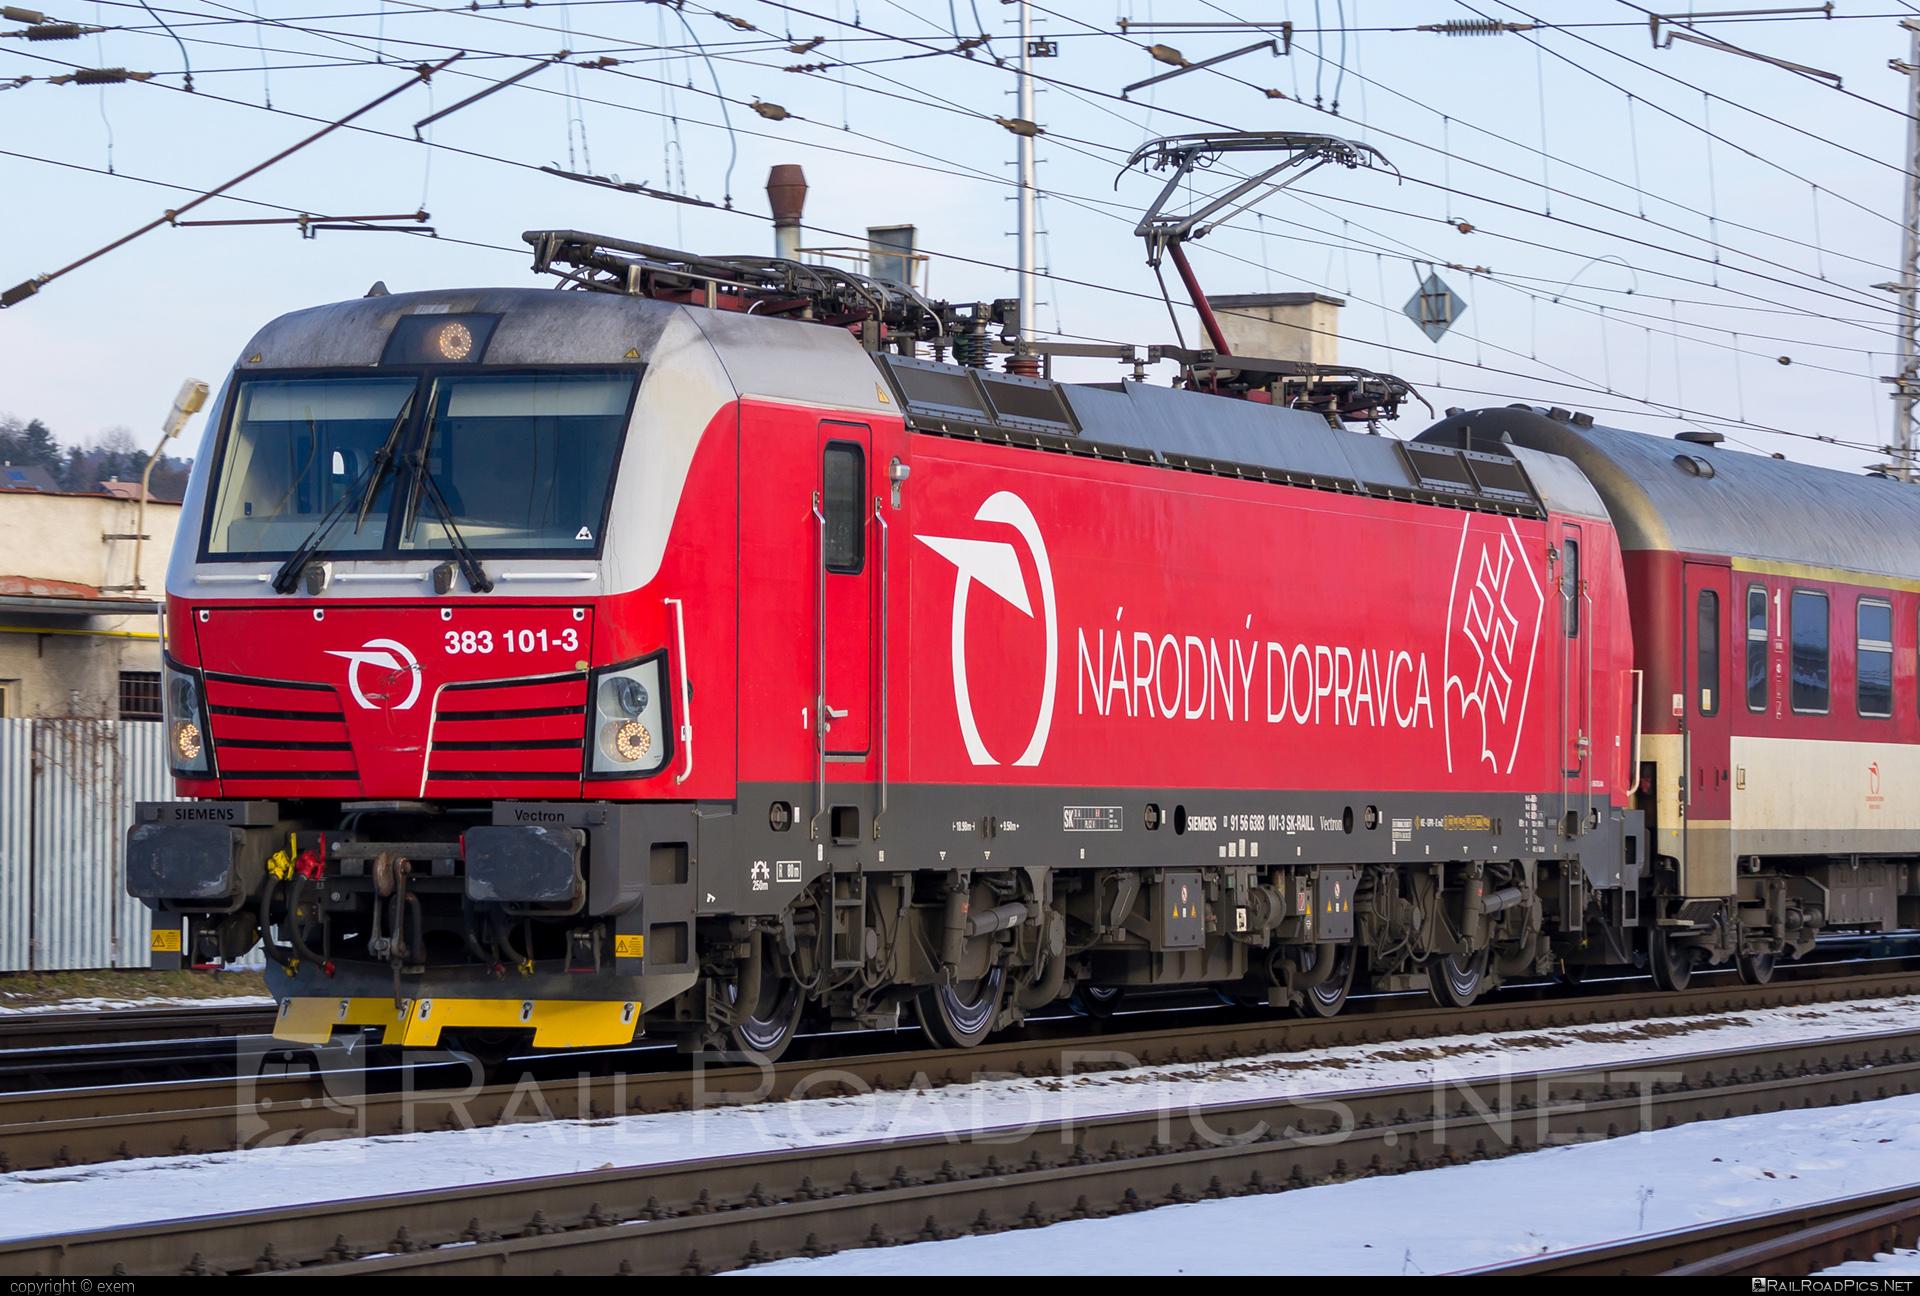 Siemens Vectron MS - 383 101-3 operated by Železničná Spoločnost' Slovensko, a.s. #RollingStockLease #RollingStockLeaseSro #ZeleznicnaSpolocnostSlovensko #raill #siemens #siemensvectron #siemensvectronms #vectron #vectronms #zssk